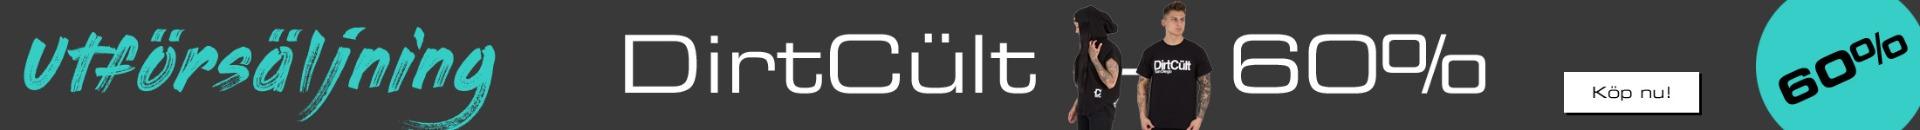 Modshop - Utförsäljning på DirtCult kläder. Hela 60% rabatt!